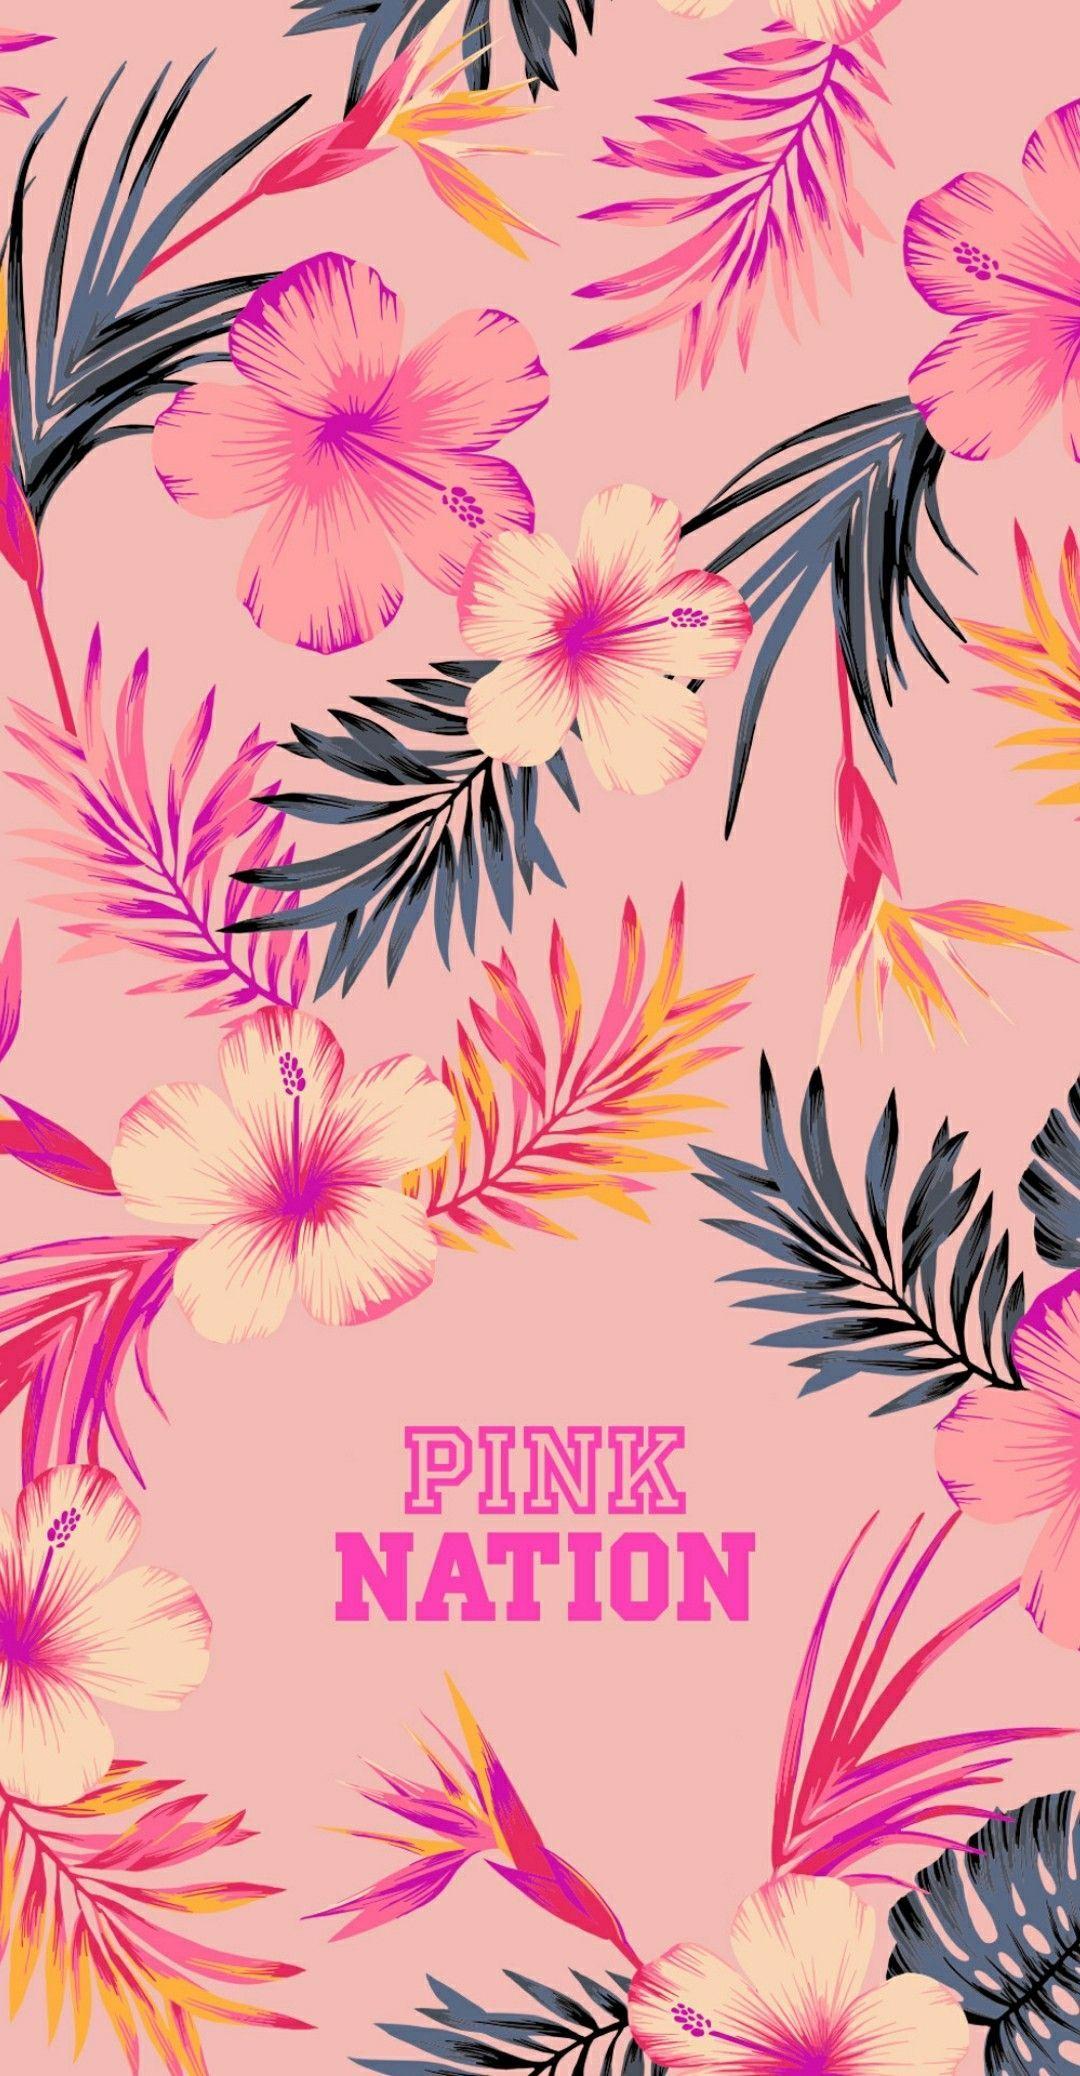 Pink Nation Pink Brand Logo Wallpaper Pink Wallpaper Iphone Pink Nation Wallpaper Victoria Secret Pink Wallpaper